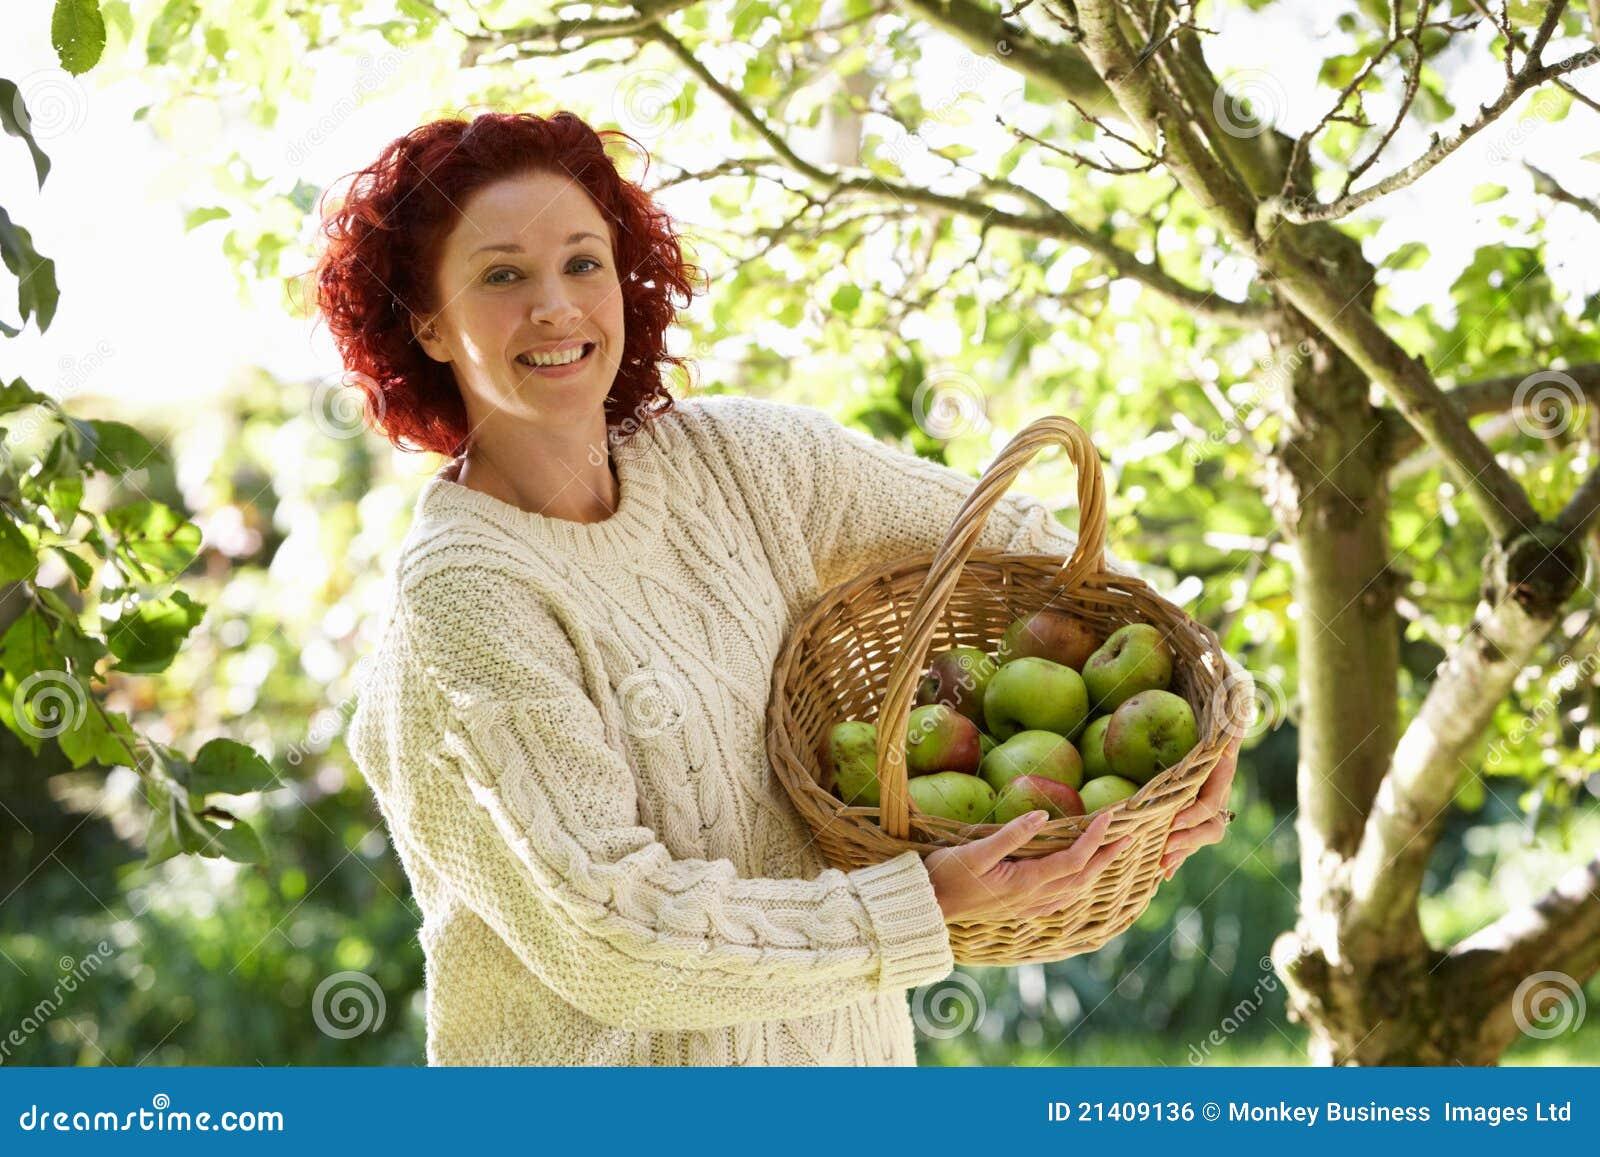 Kobiety zrywania jabłka w ogródzie